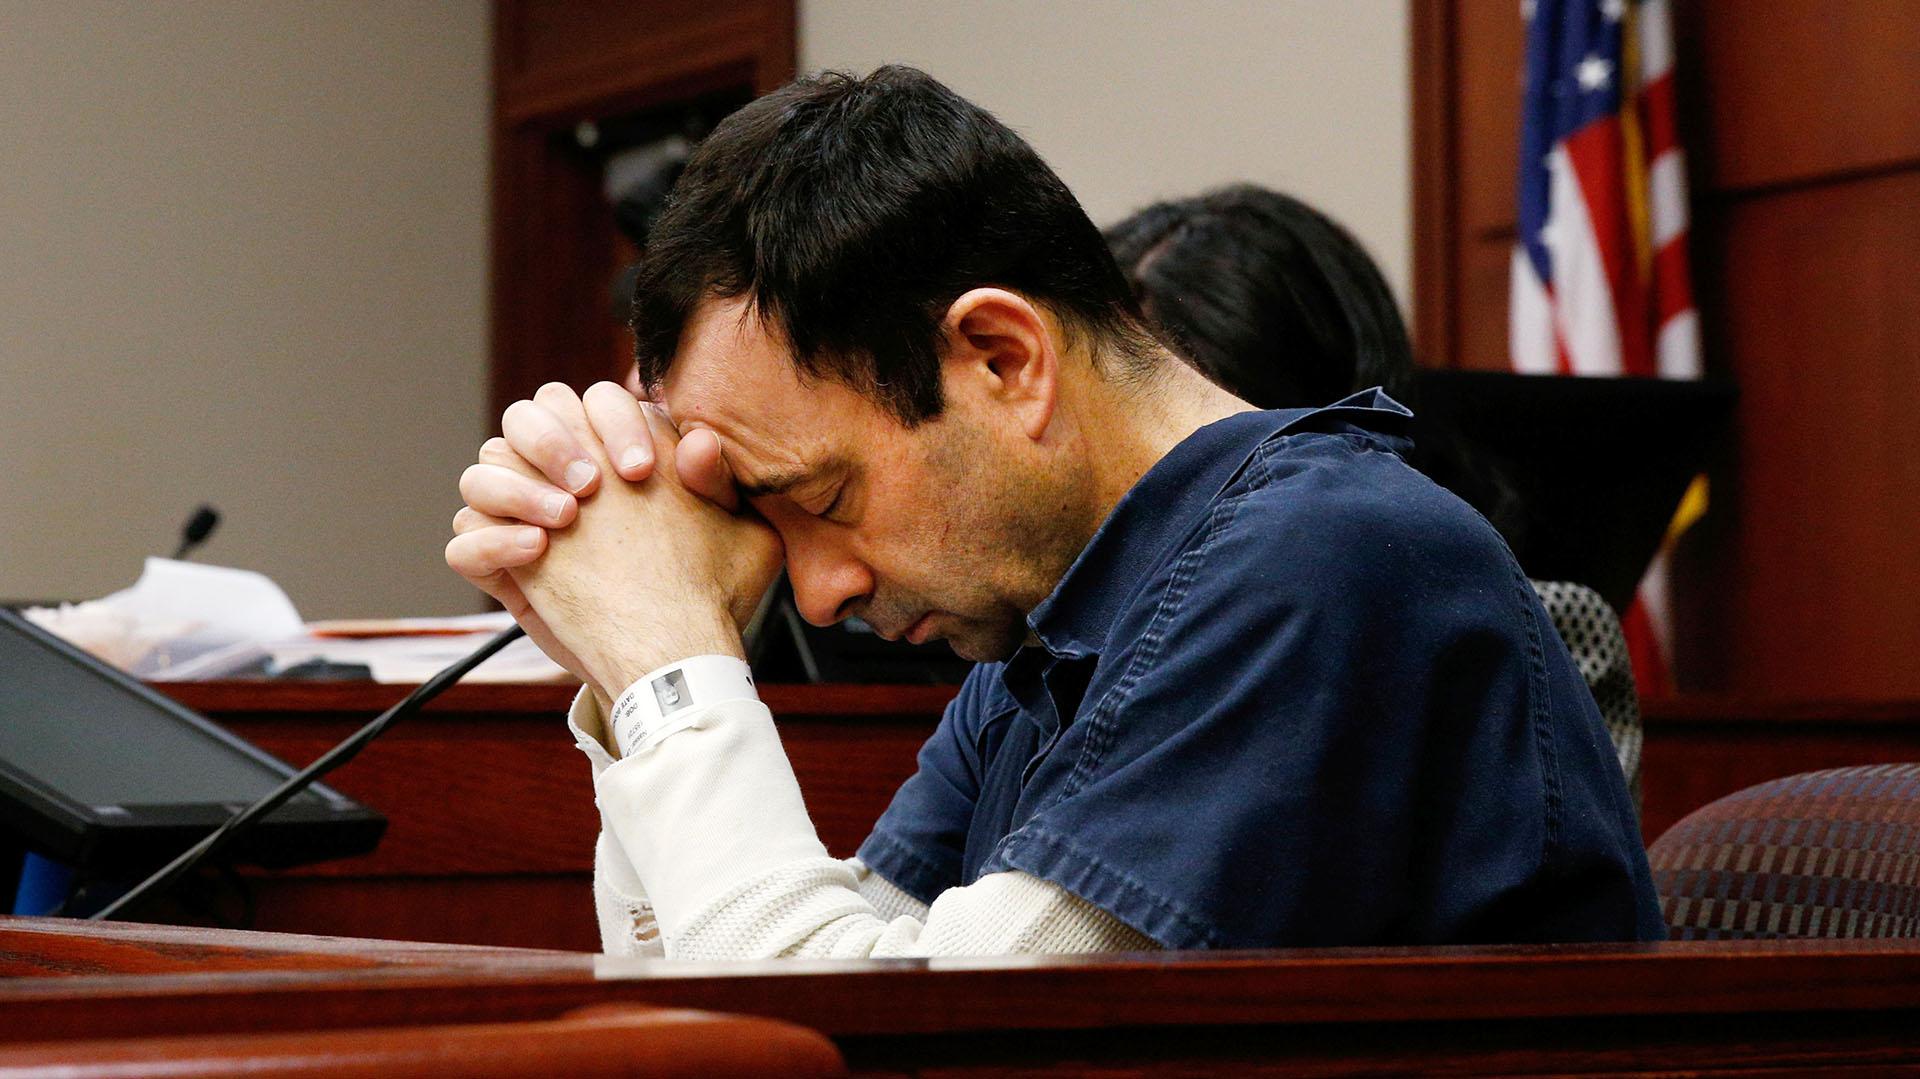 Esto sucede a una semana de que el médico Larry Nassar haya sido sentenciado a 175 años en prisión (Reuters)